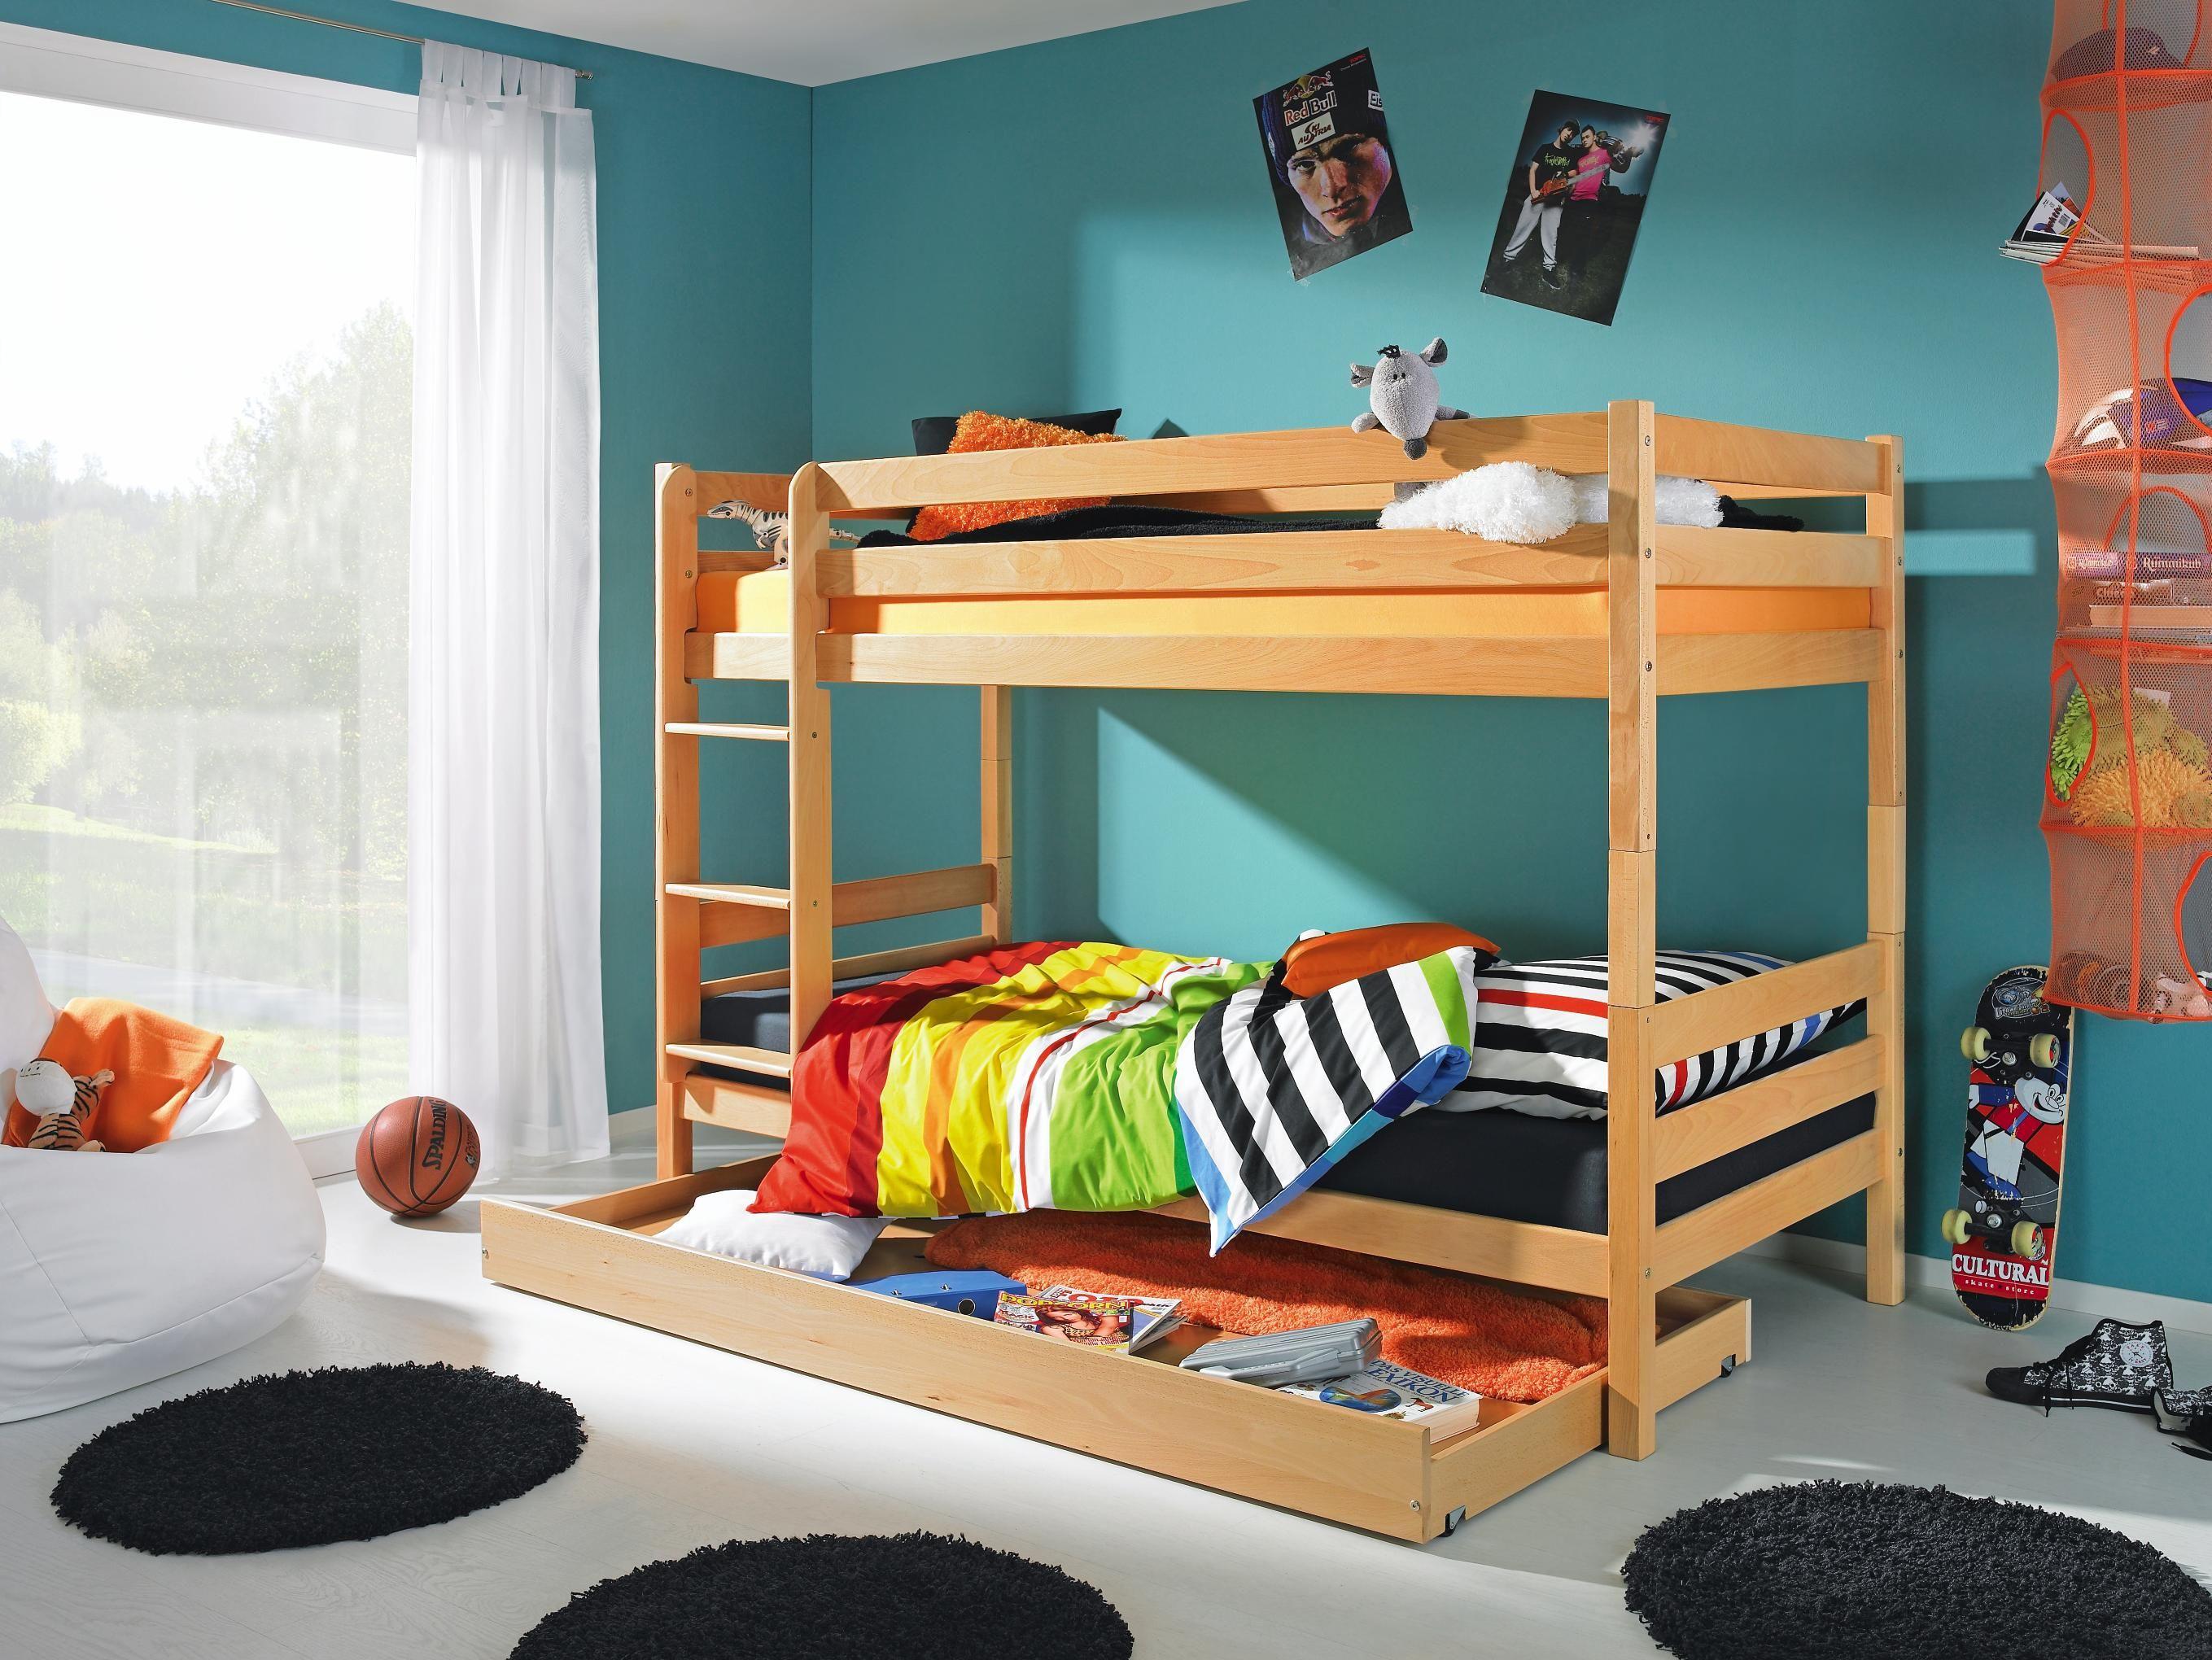 vielseitiges etagenbett jakob von linea natura aus massiver buche kinder und jugendzimmer. Black Bedroom Furniture Sets. Home Design Ideas